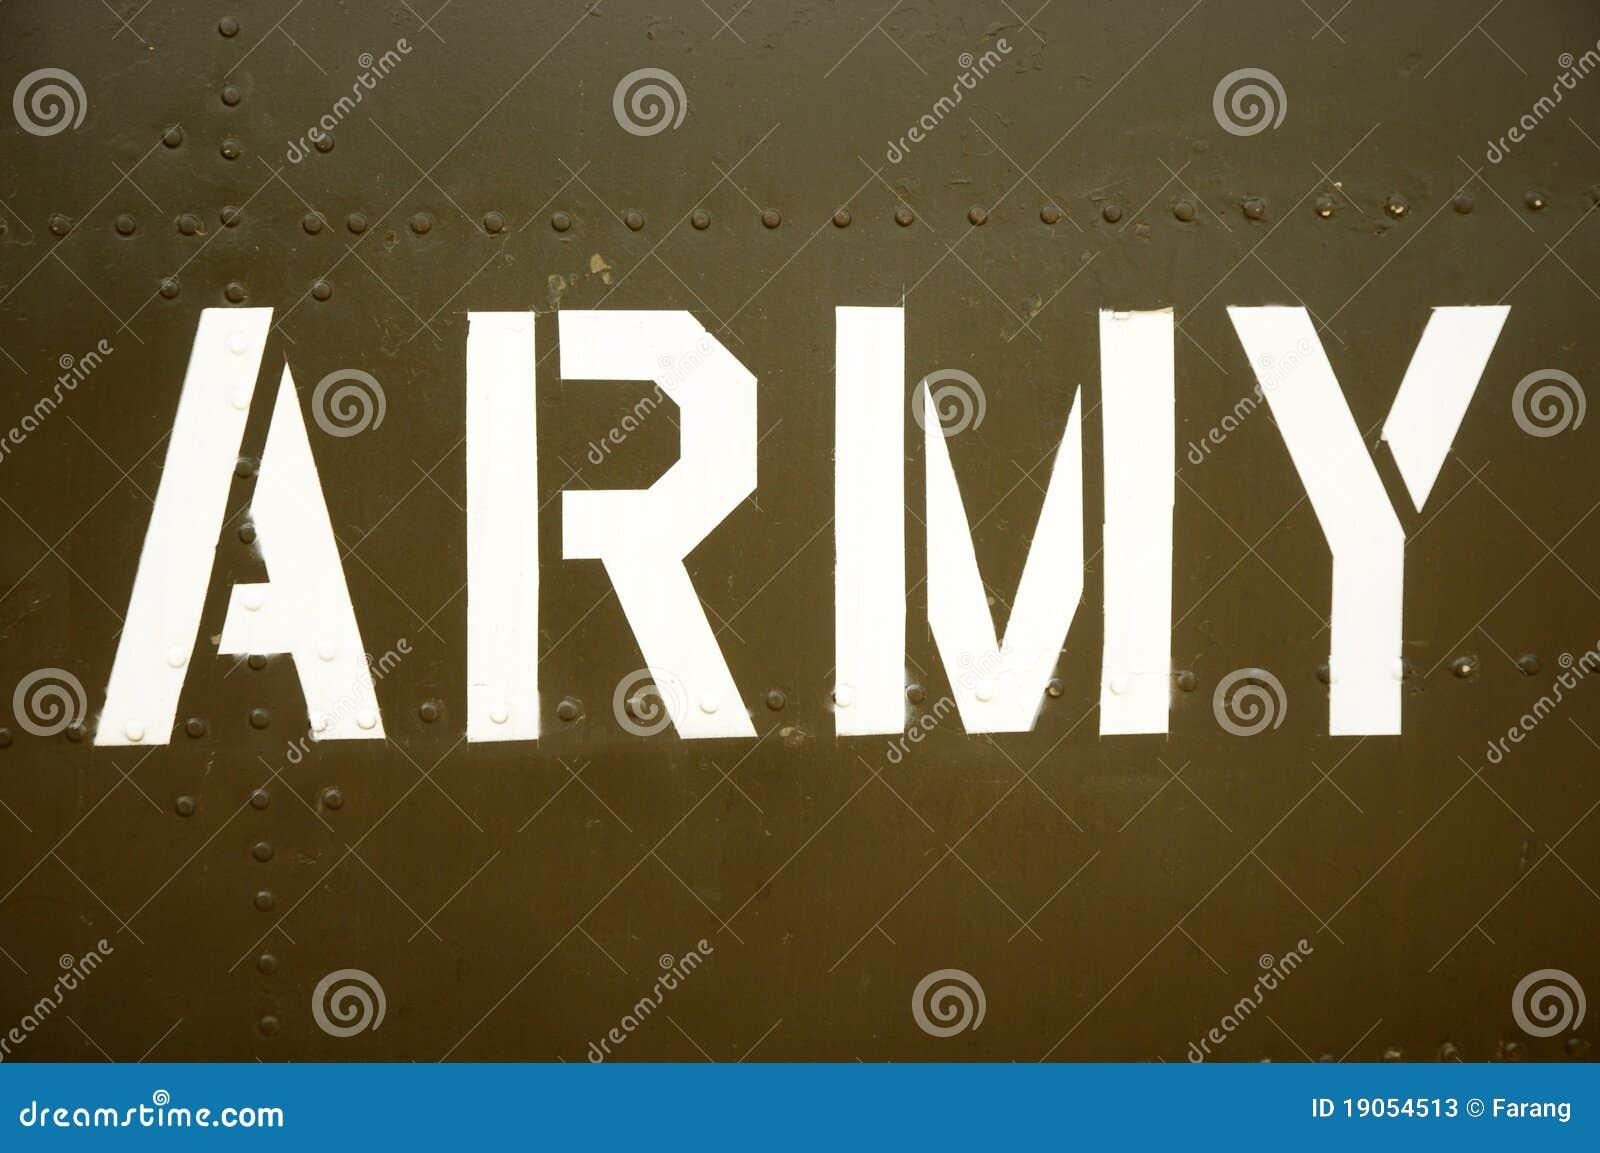 Army Stock Photos Image 19054513